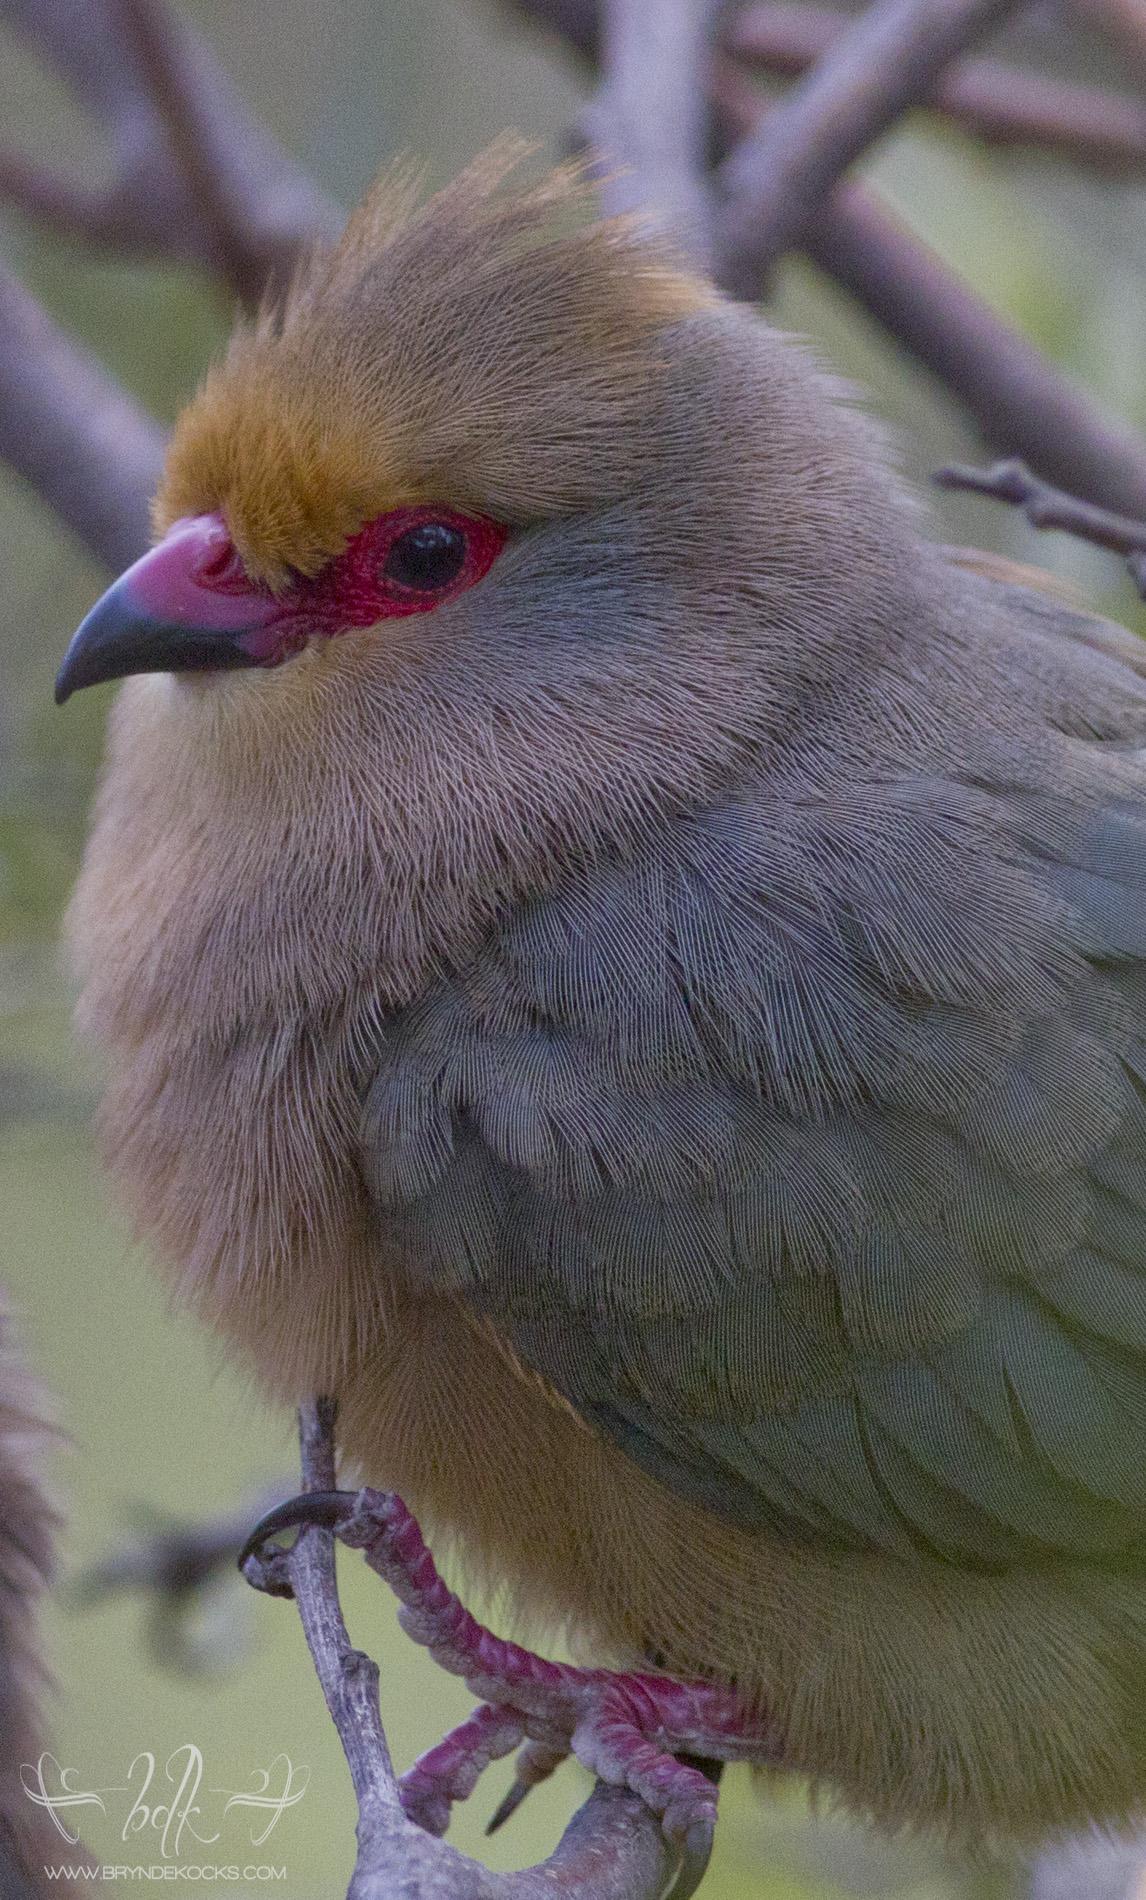 Red-Faced Mousebird Closeup